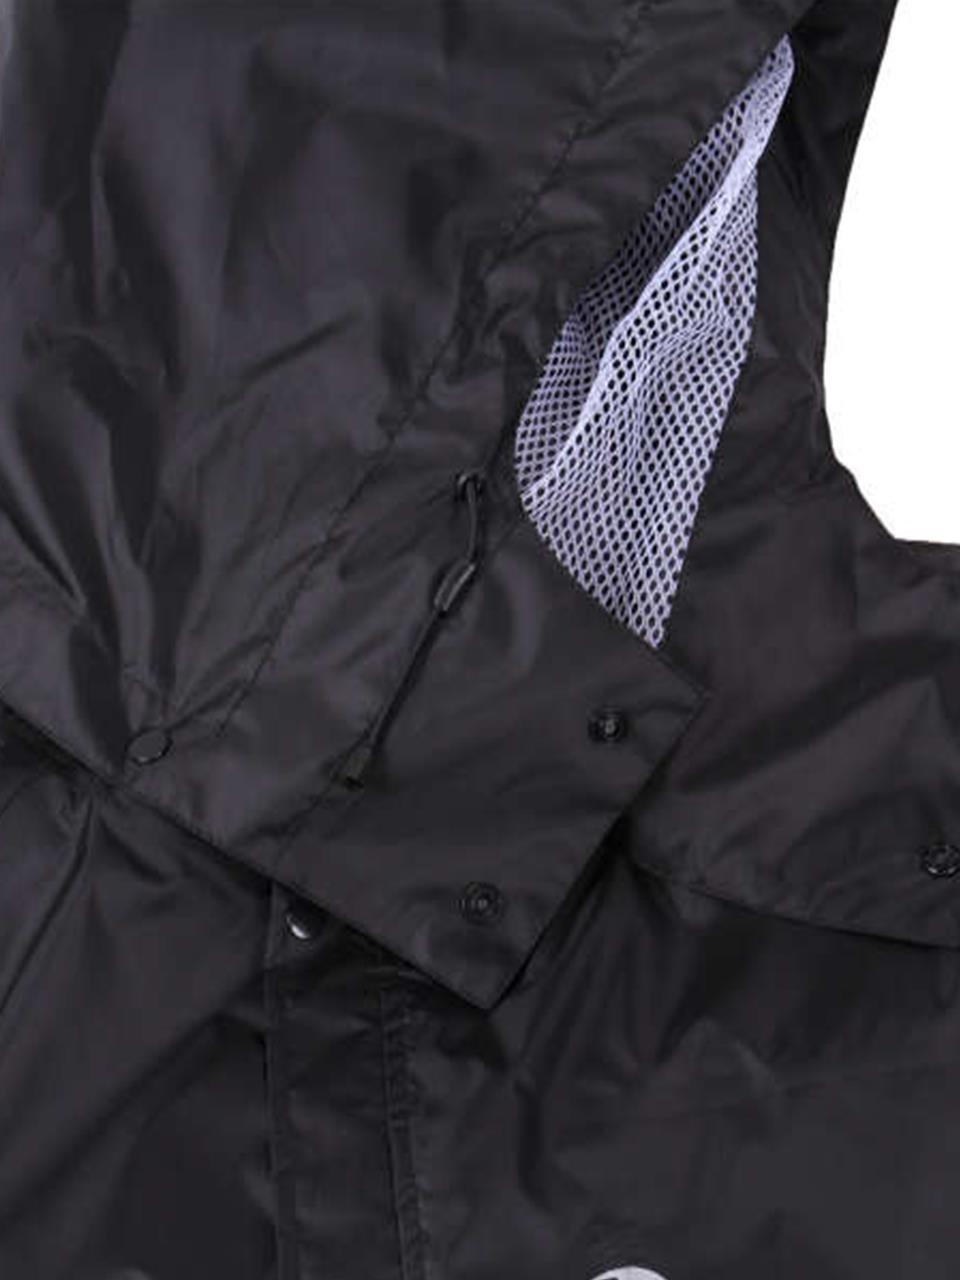 260d70aefe5b37 メイン素材: ポリエステル内側のムレ?湿気は外へ逃がす防風?透湿防水素材を使用した全天候型レインスーツ。裏地にメッシュ素材を採用し不快なベタつきを軽減。